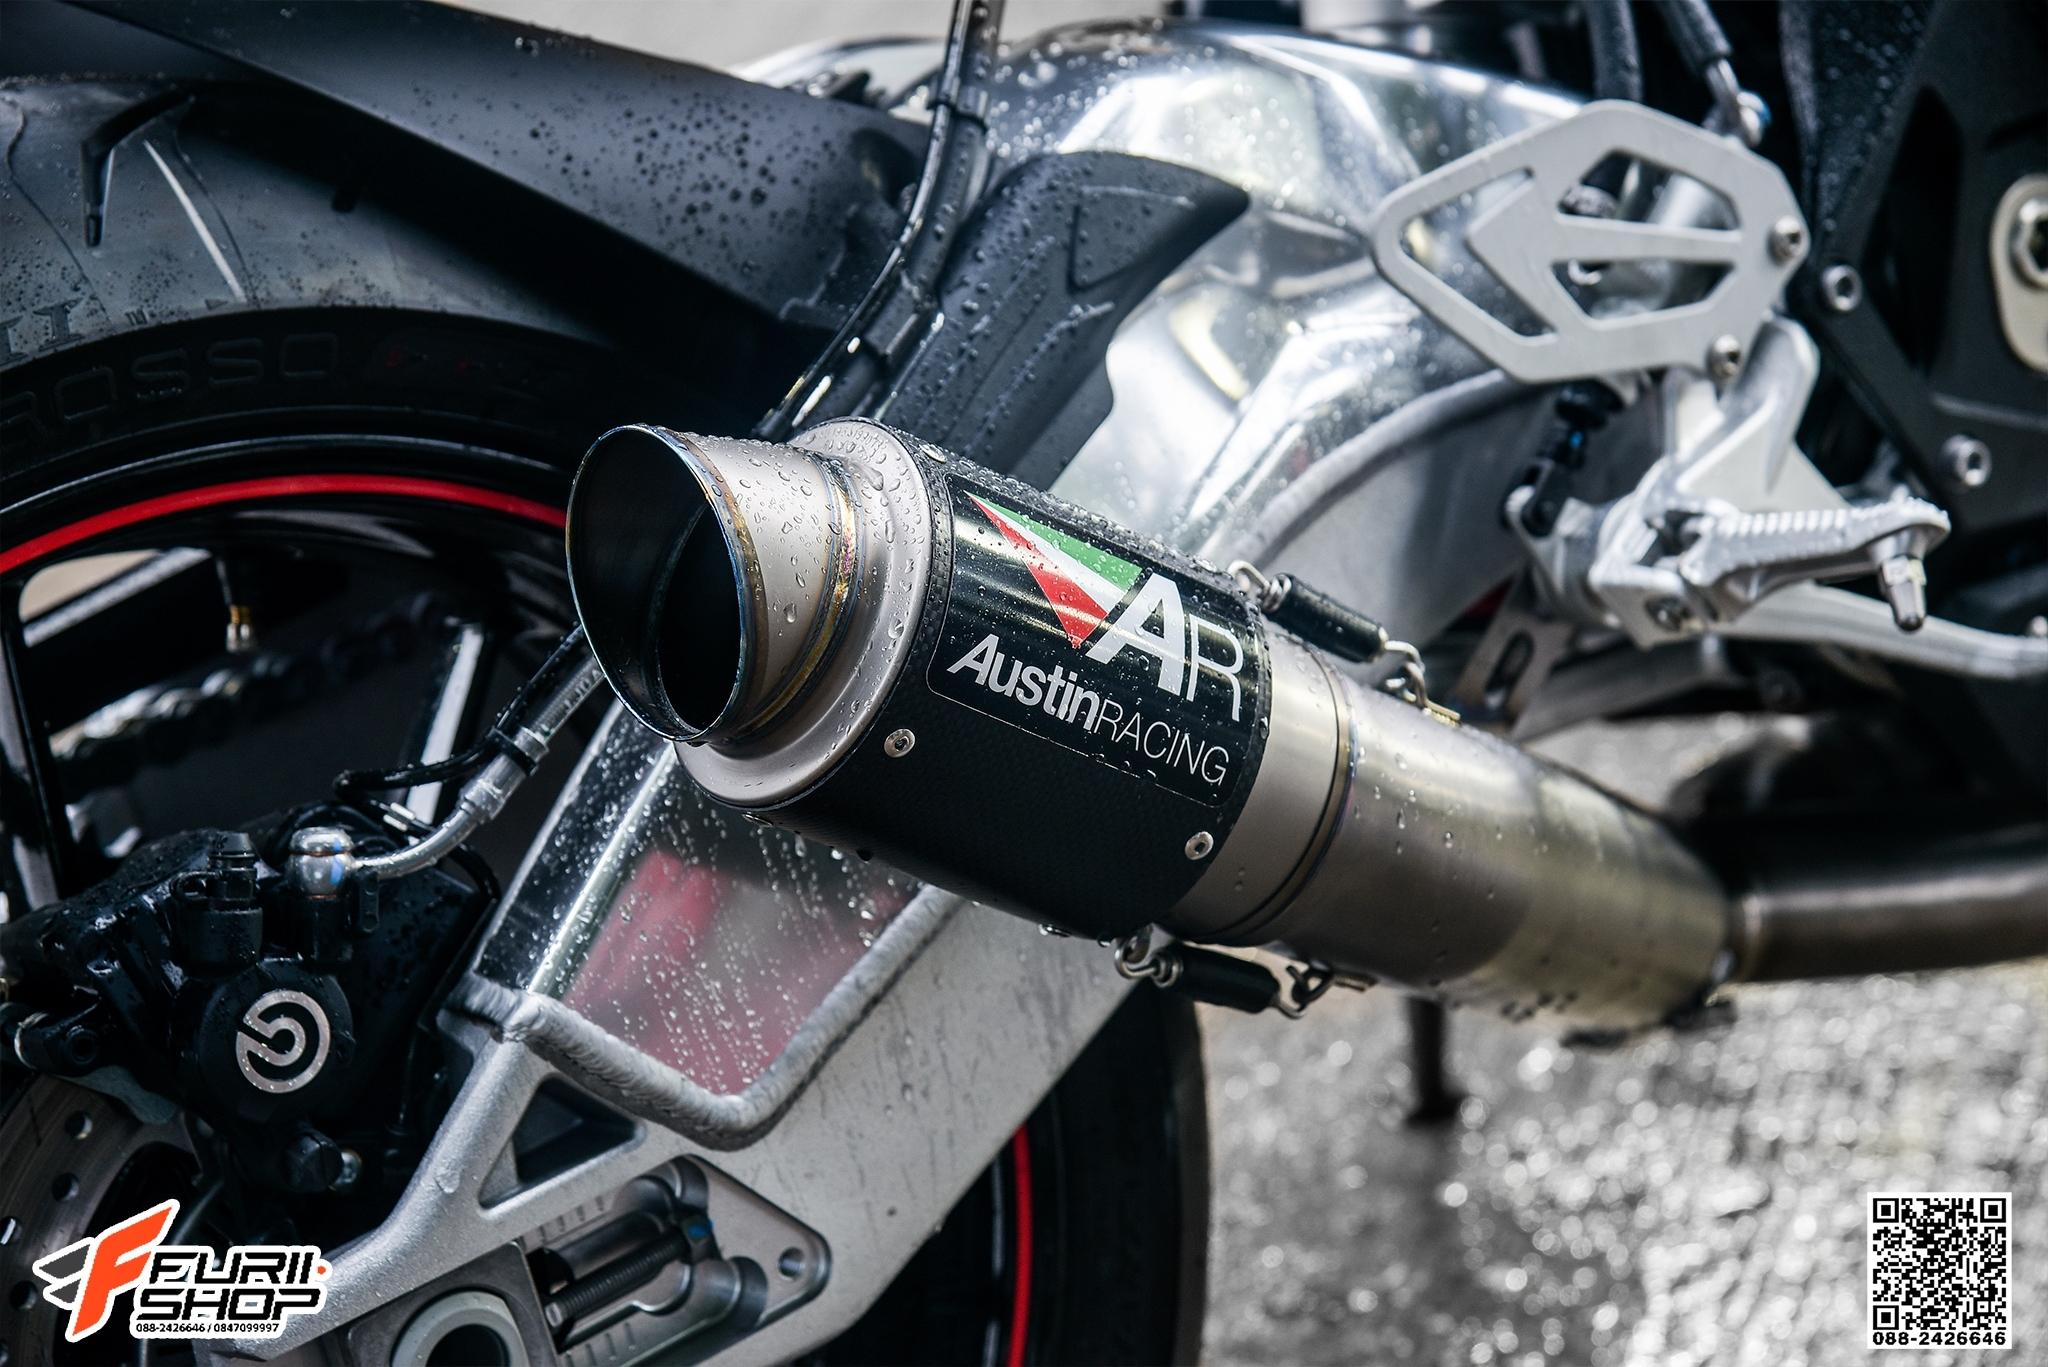 ท่อ AUSTIN RACING GP2R CARBON DE-CAT SYSTEM + Y PIPE FOR BMW S1000RR 2017